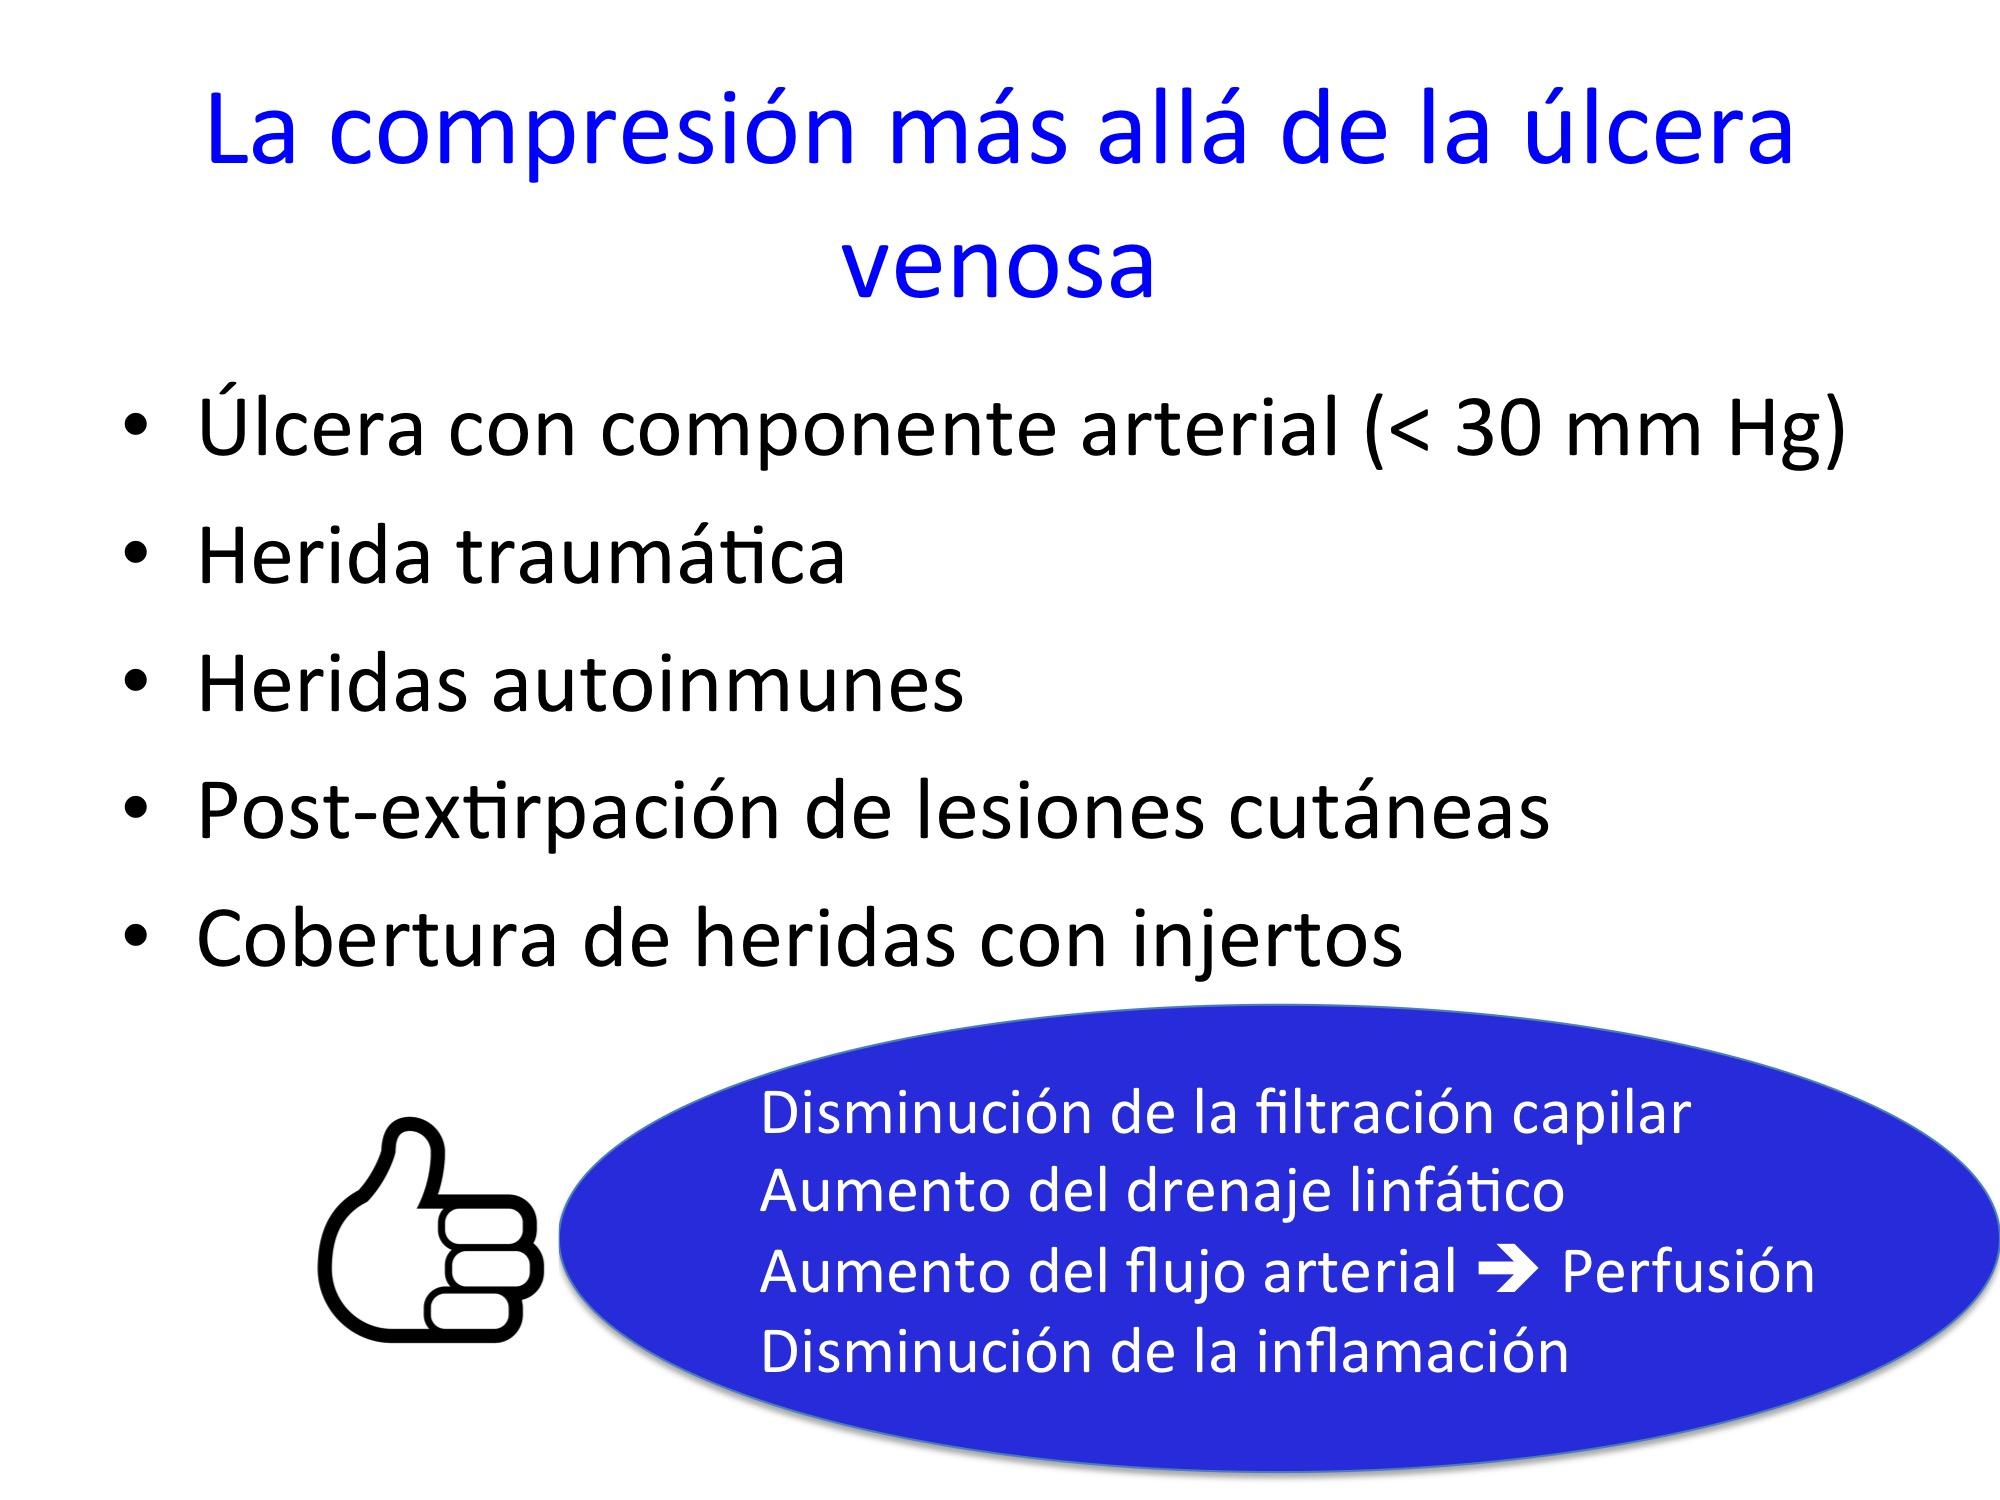 La compresión más allá de la úlcera venosa